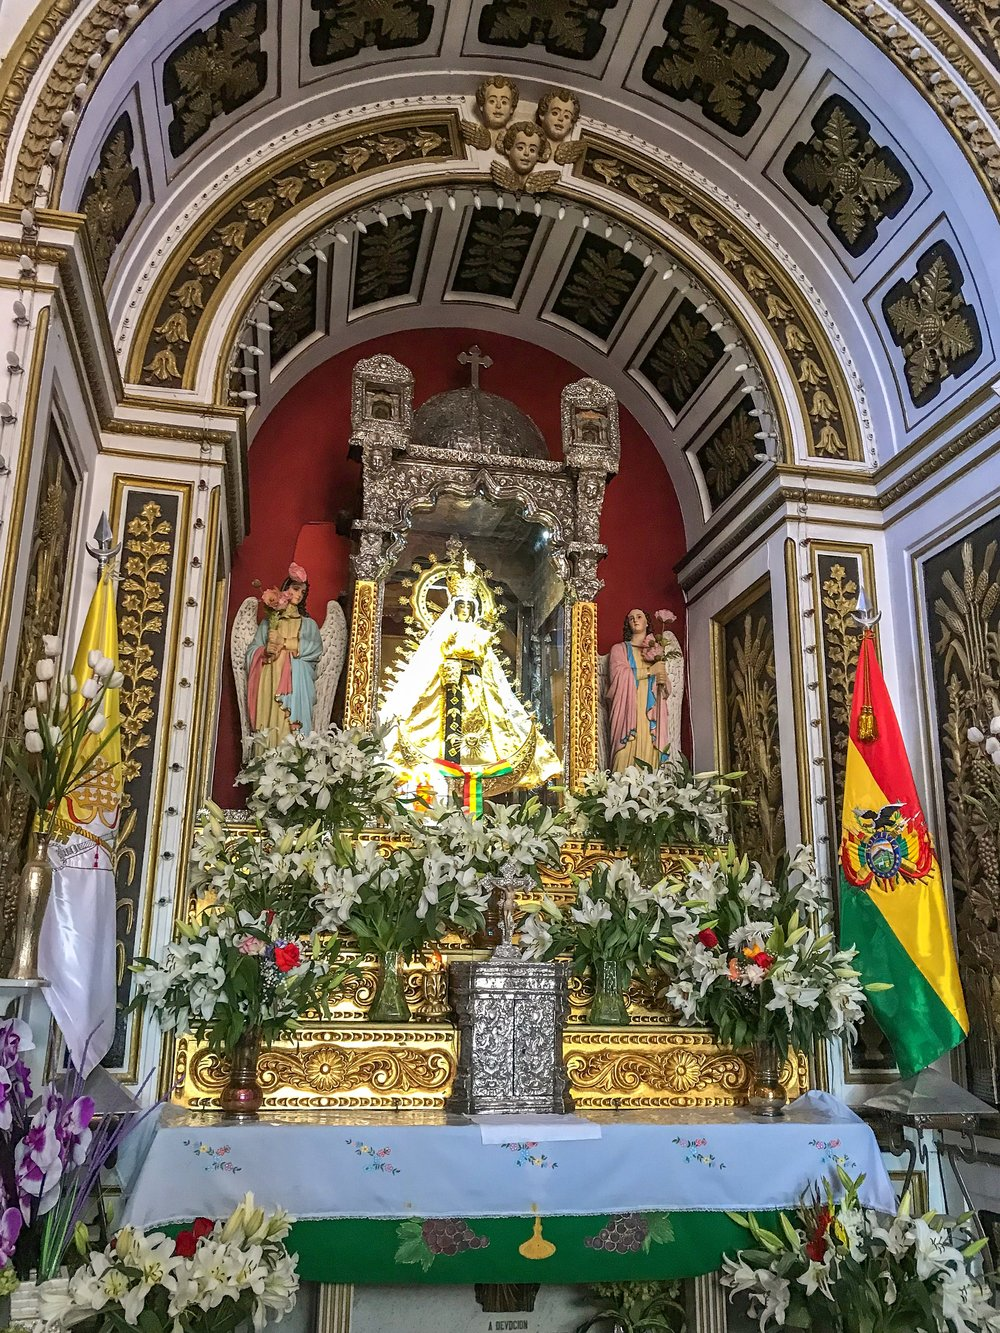 The Virgin of Copacabana